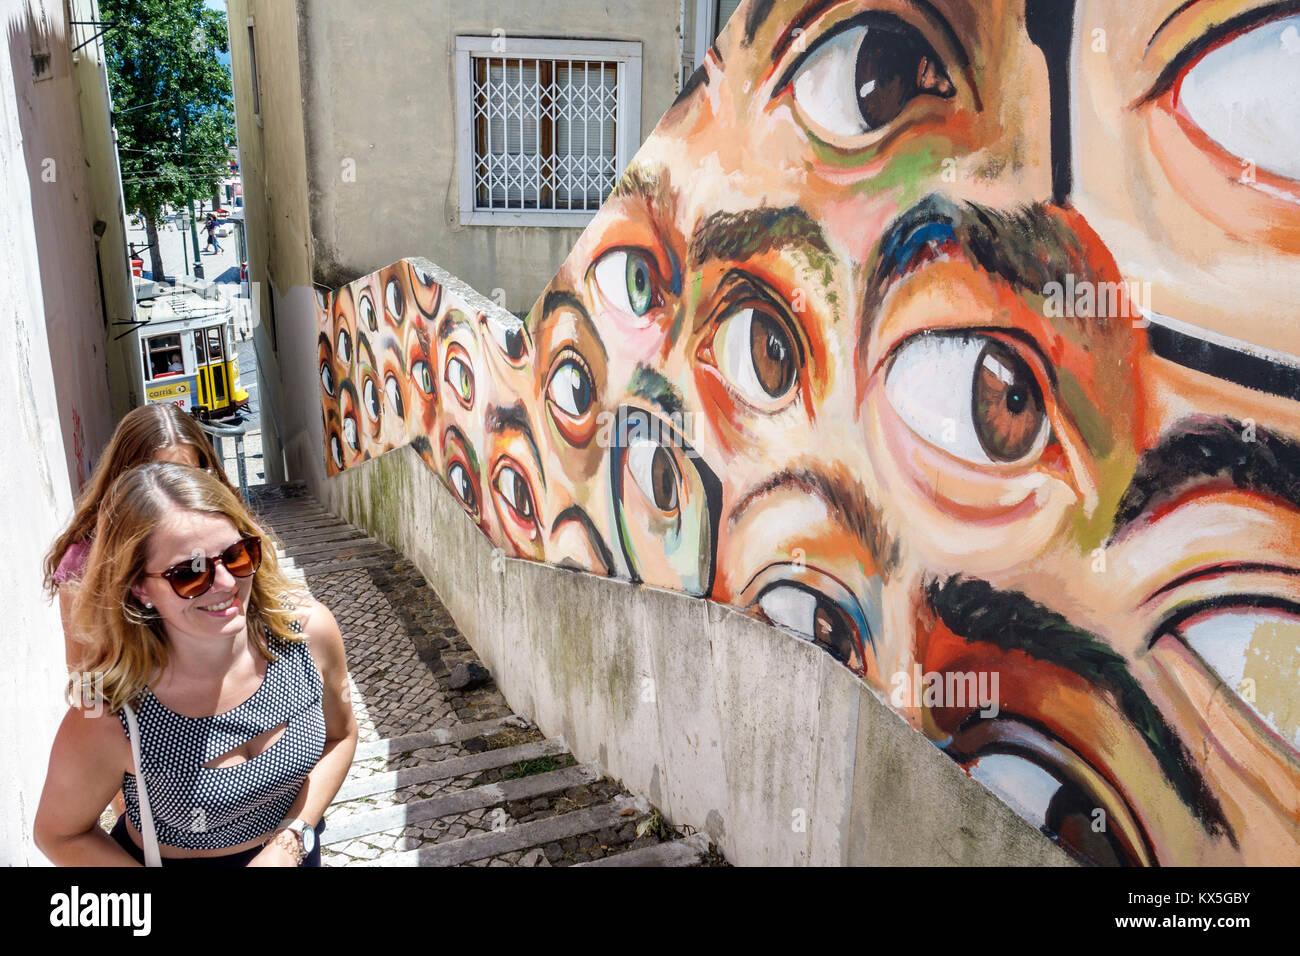 Portugal Lisboa Alfama histórico barrio Beco do Maldonado escaleras alley graffiti street art mujer ojos ojos Imagen De Stock